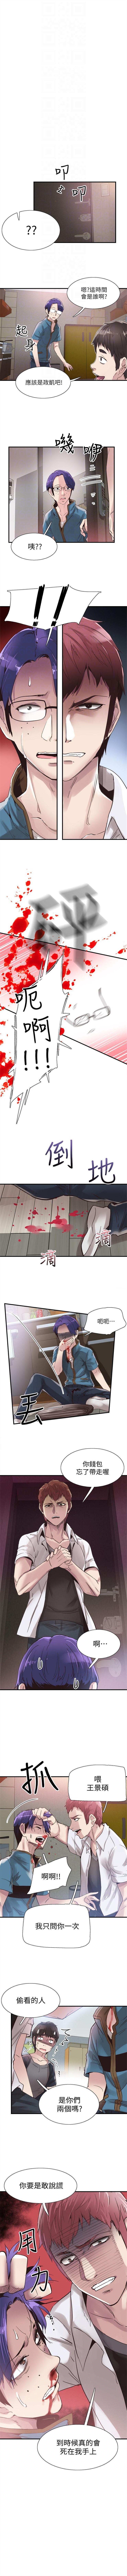 (週7)校園live秀 1-50 中文翻譯(更新中) 127